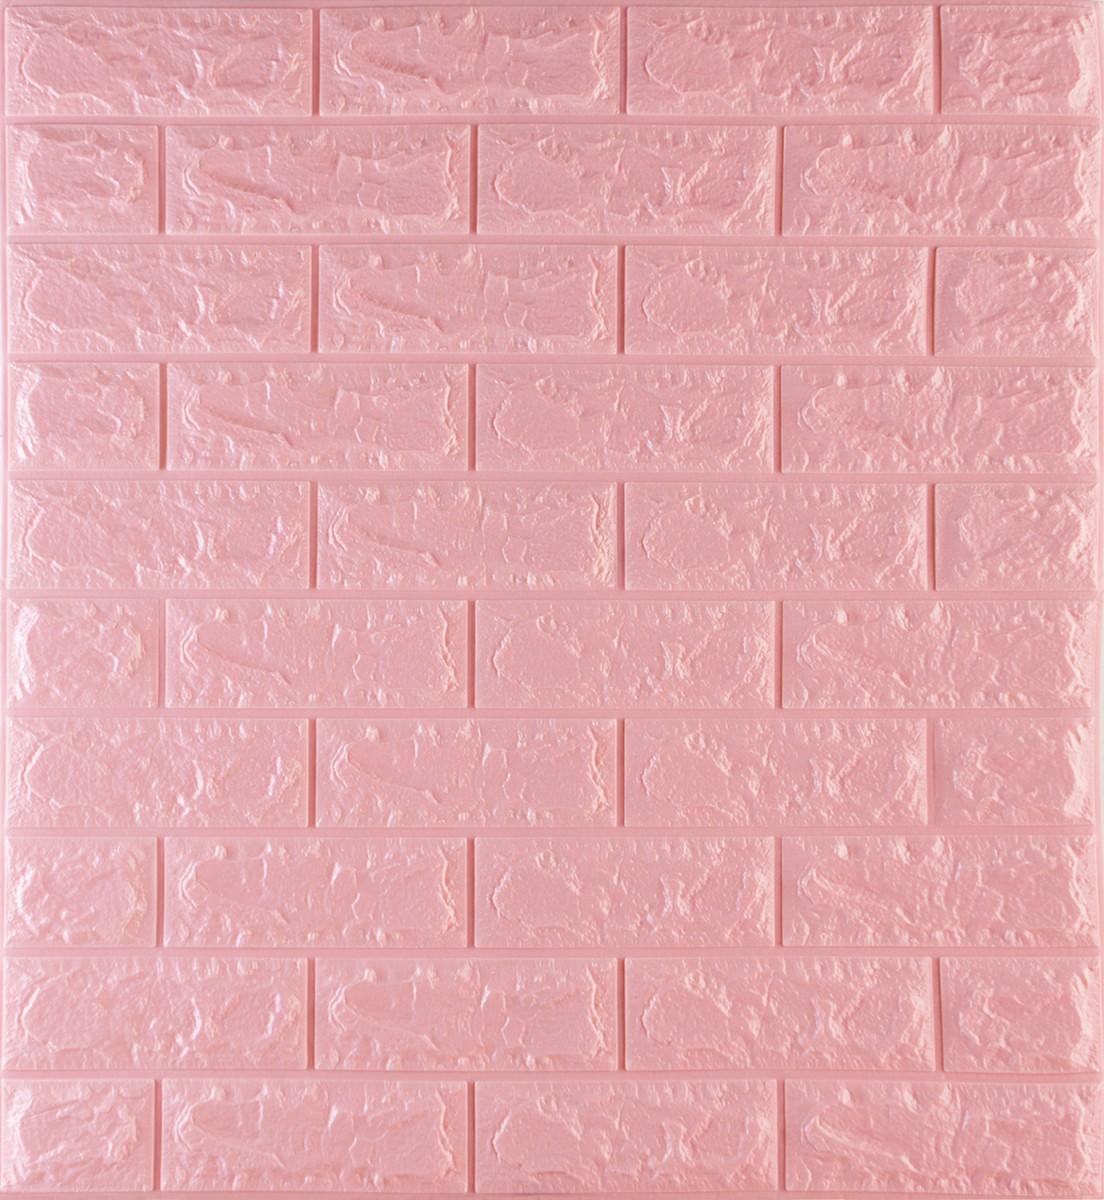 Самоклеюча декоративна 3Д панель Wall Sticker 700х770х7мм під рожевий цегла